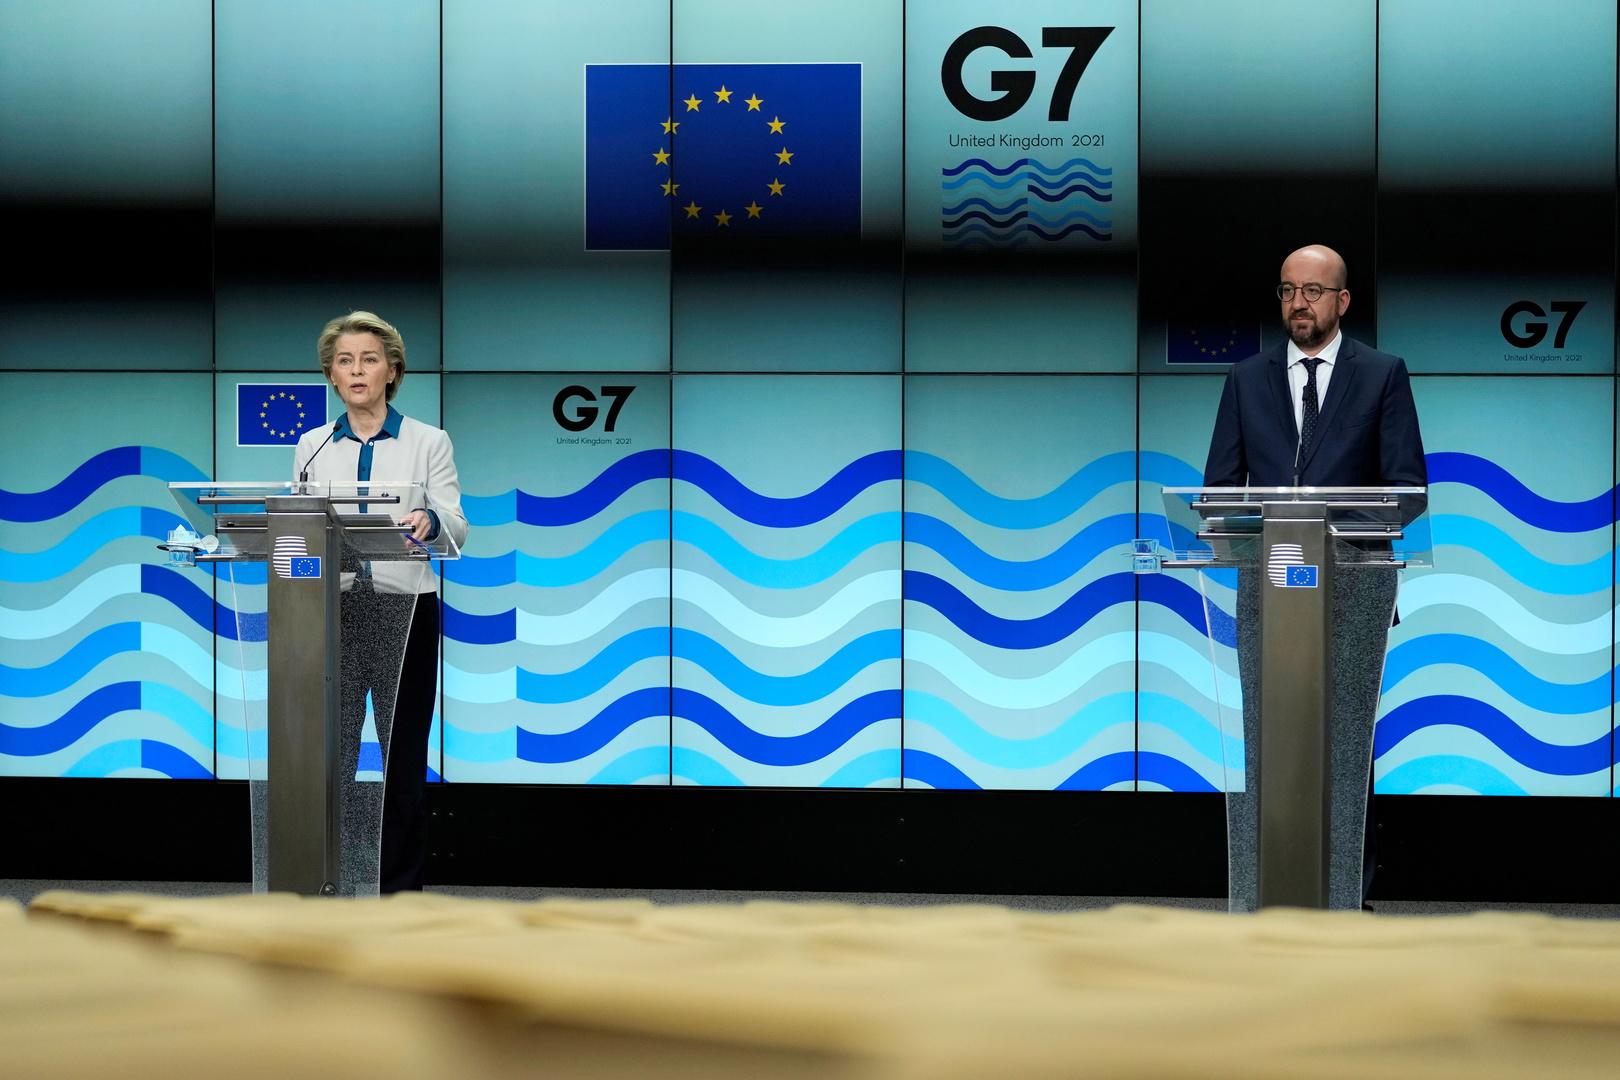 الاتحاد الأوروبي يدعم إجراء تحقيق جديد في منشأ كورونا ويطلب من الصين تسهيل